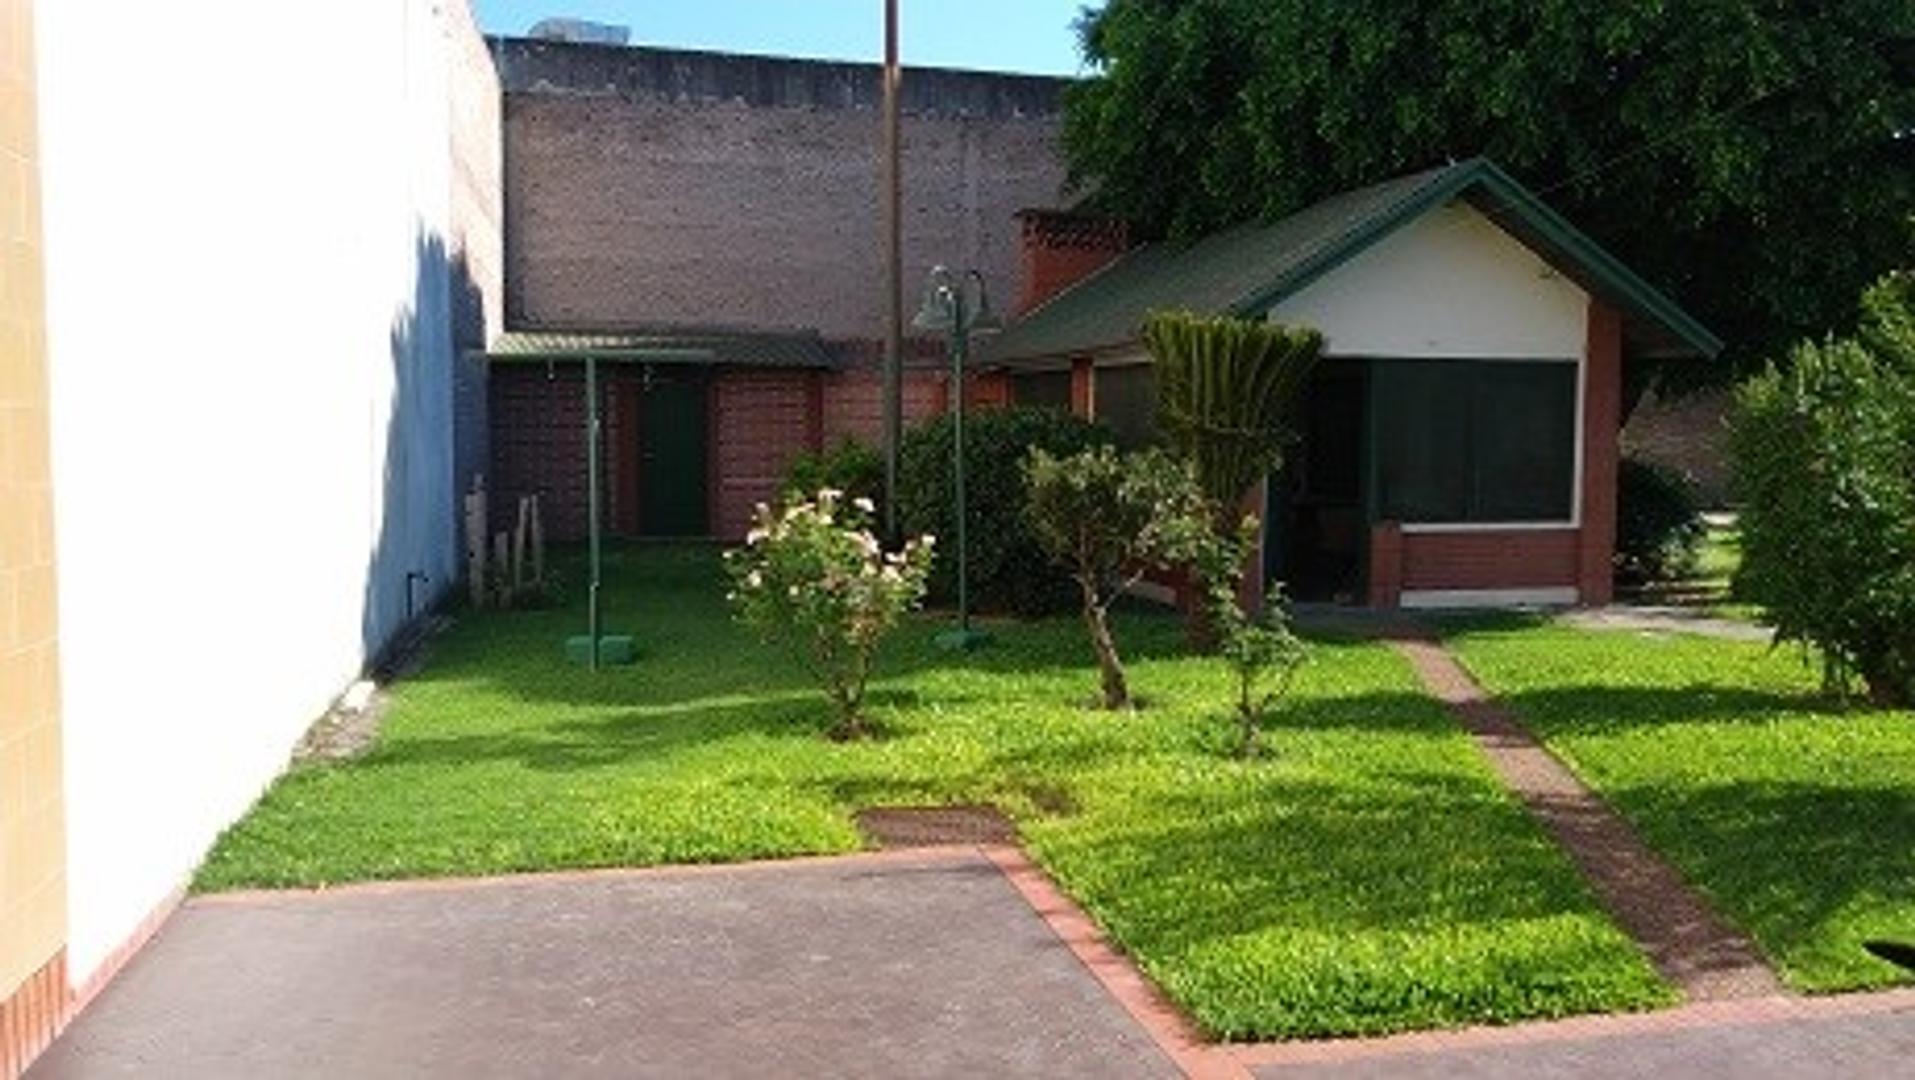 Casa,4 Dormitorios, Piscina, Lote, Quincho, 2 Plantas. Bv.San Diego y Fillipini (VGG)